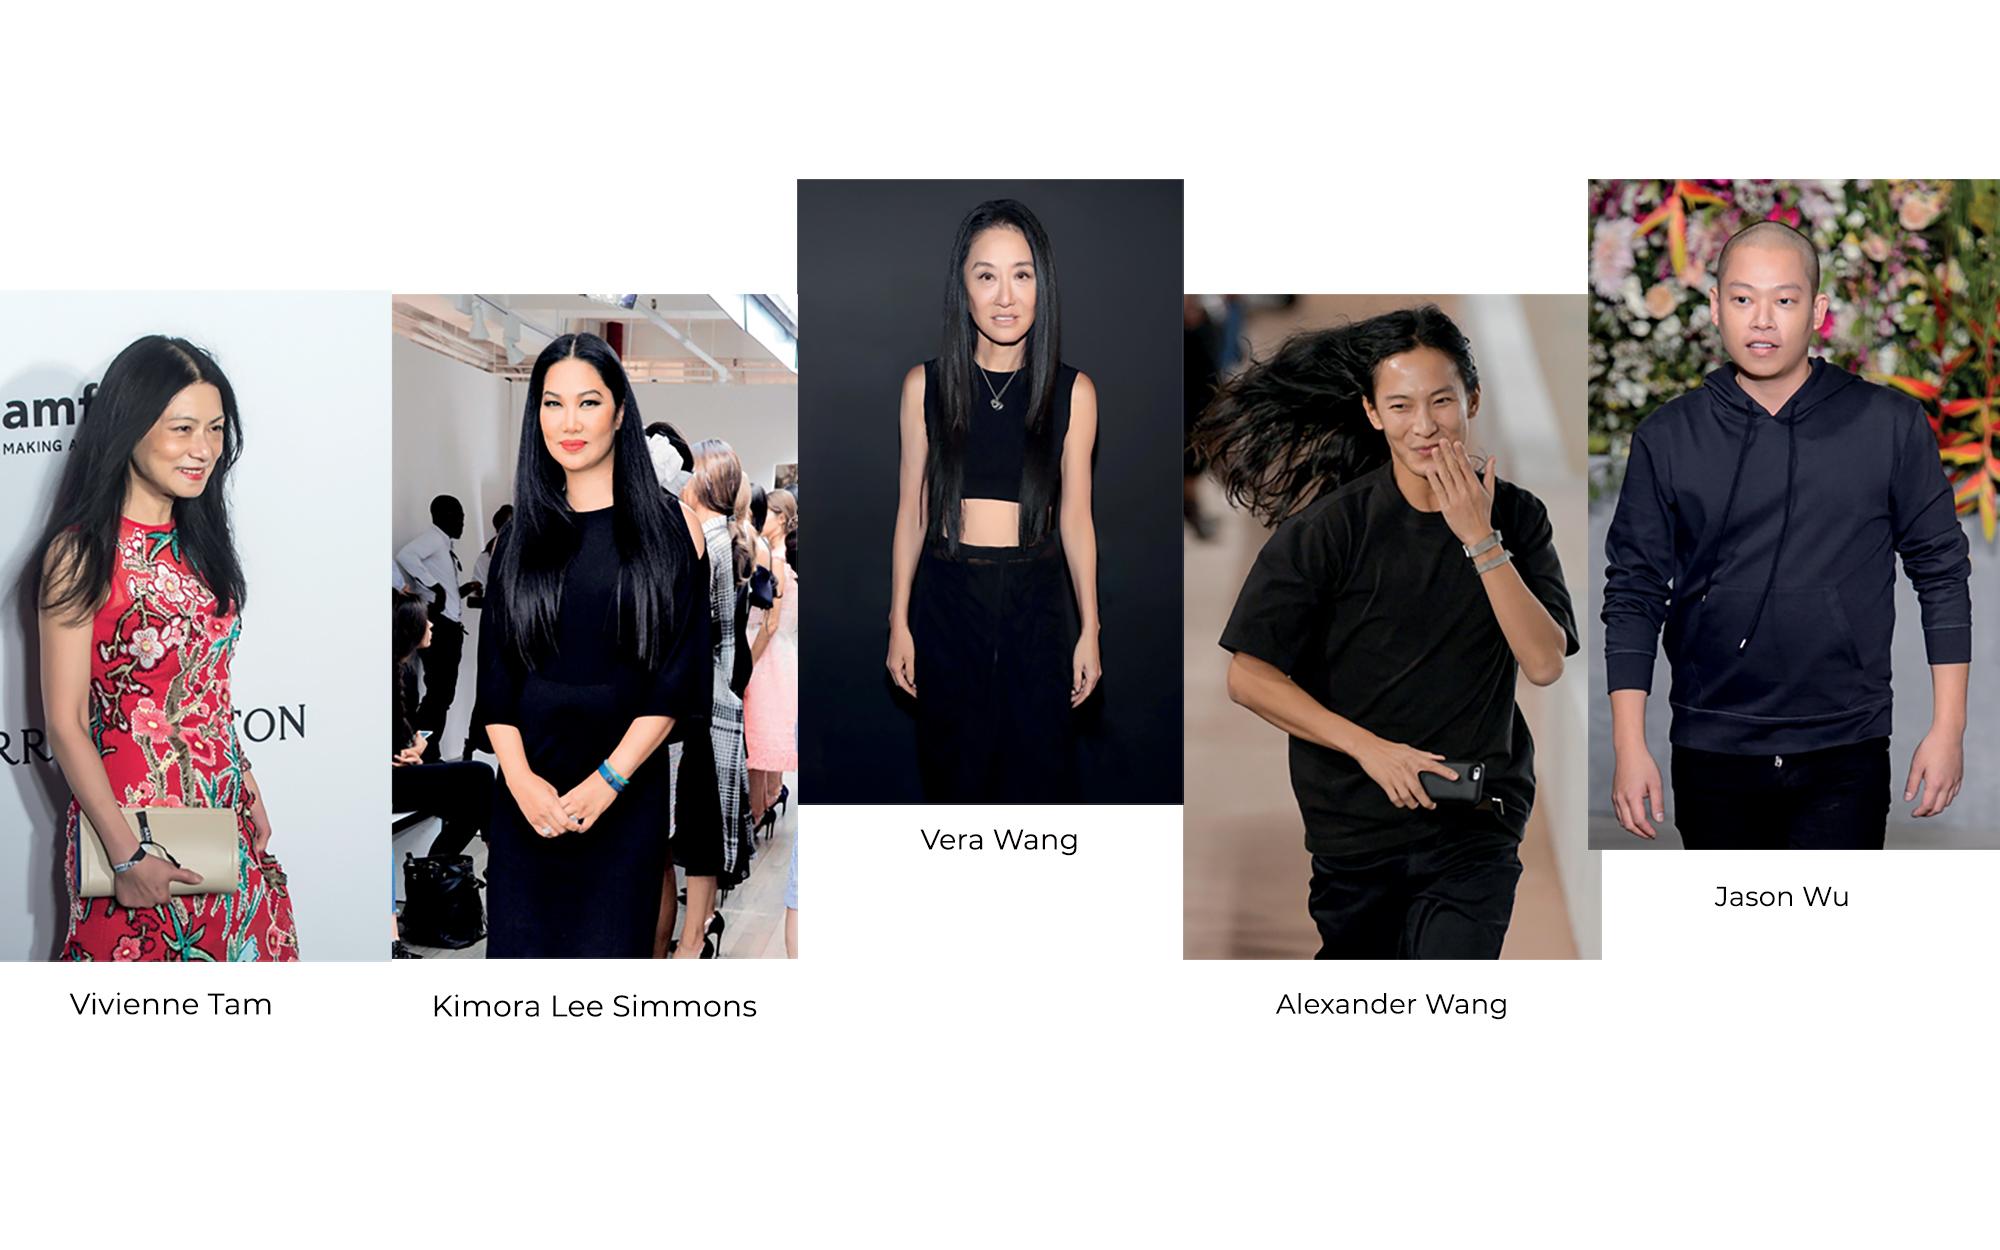 nhà thiết kế thời trang gốc Á nổi tiếng